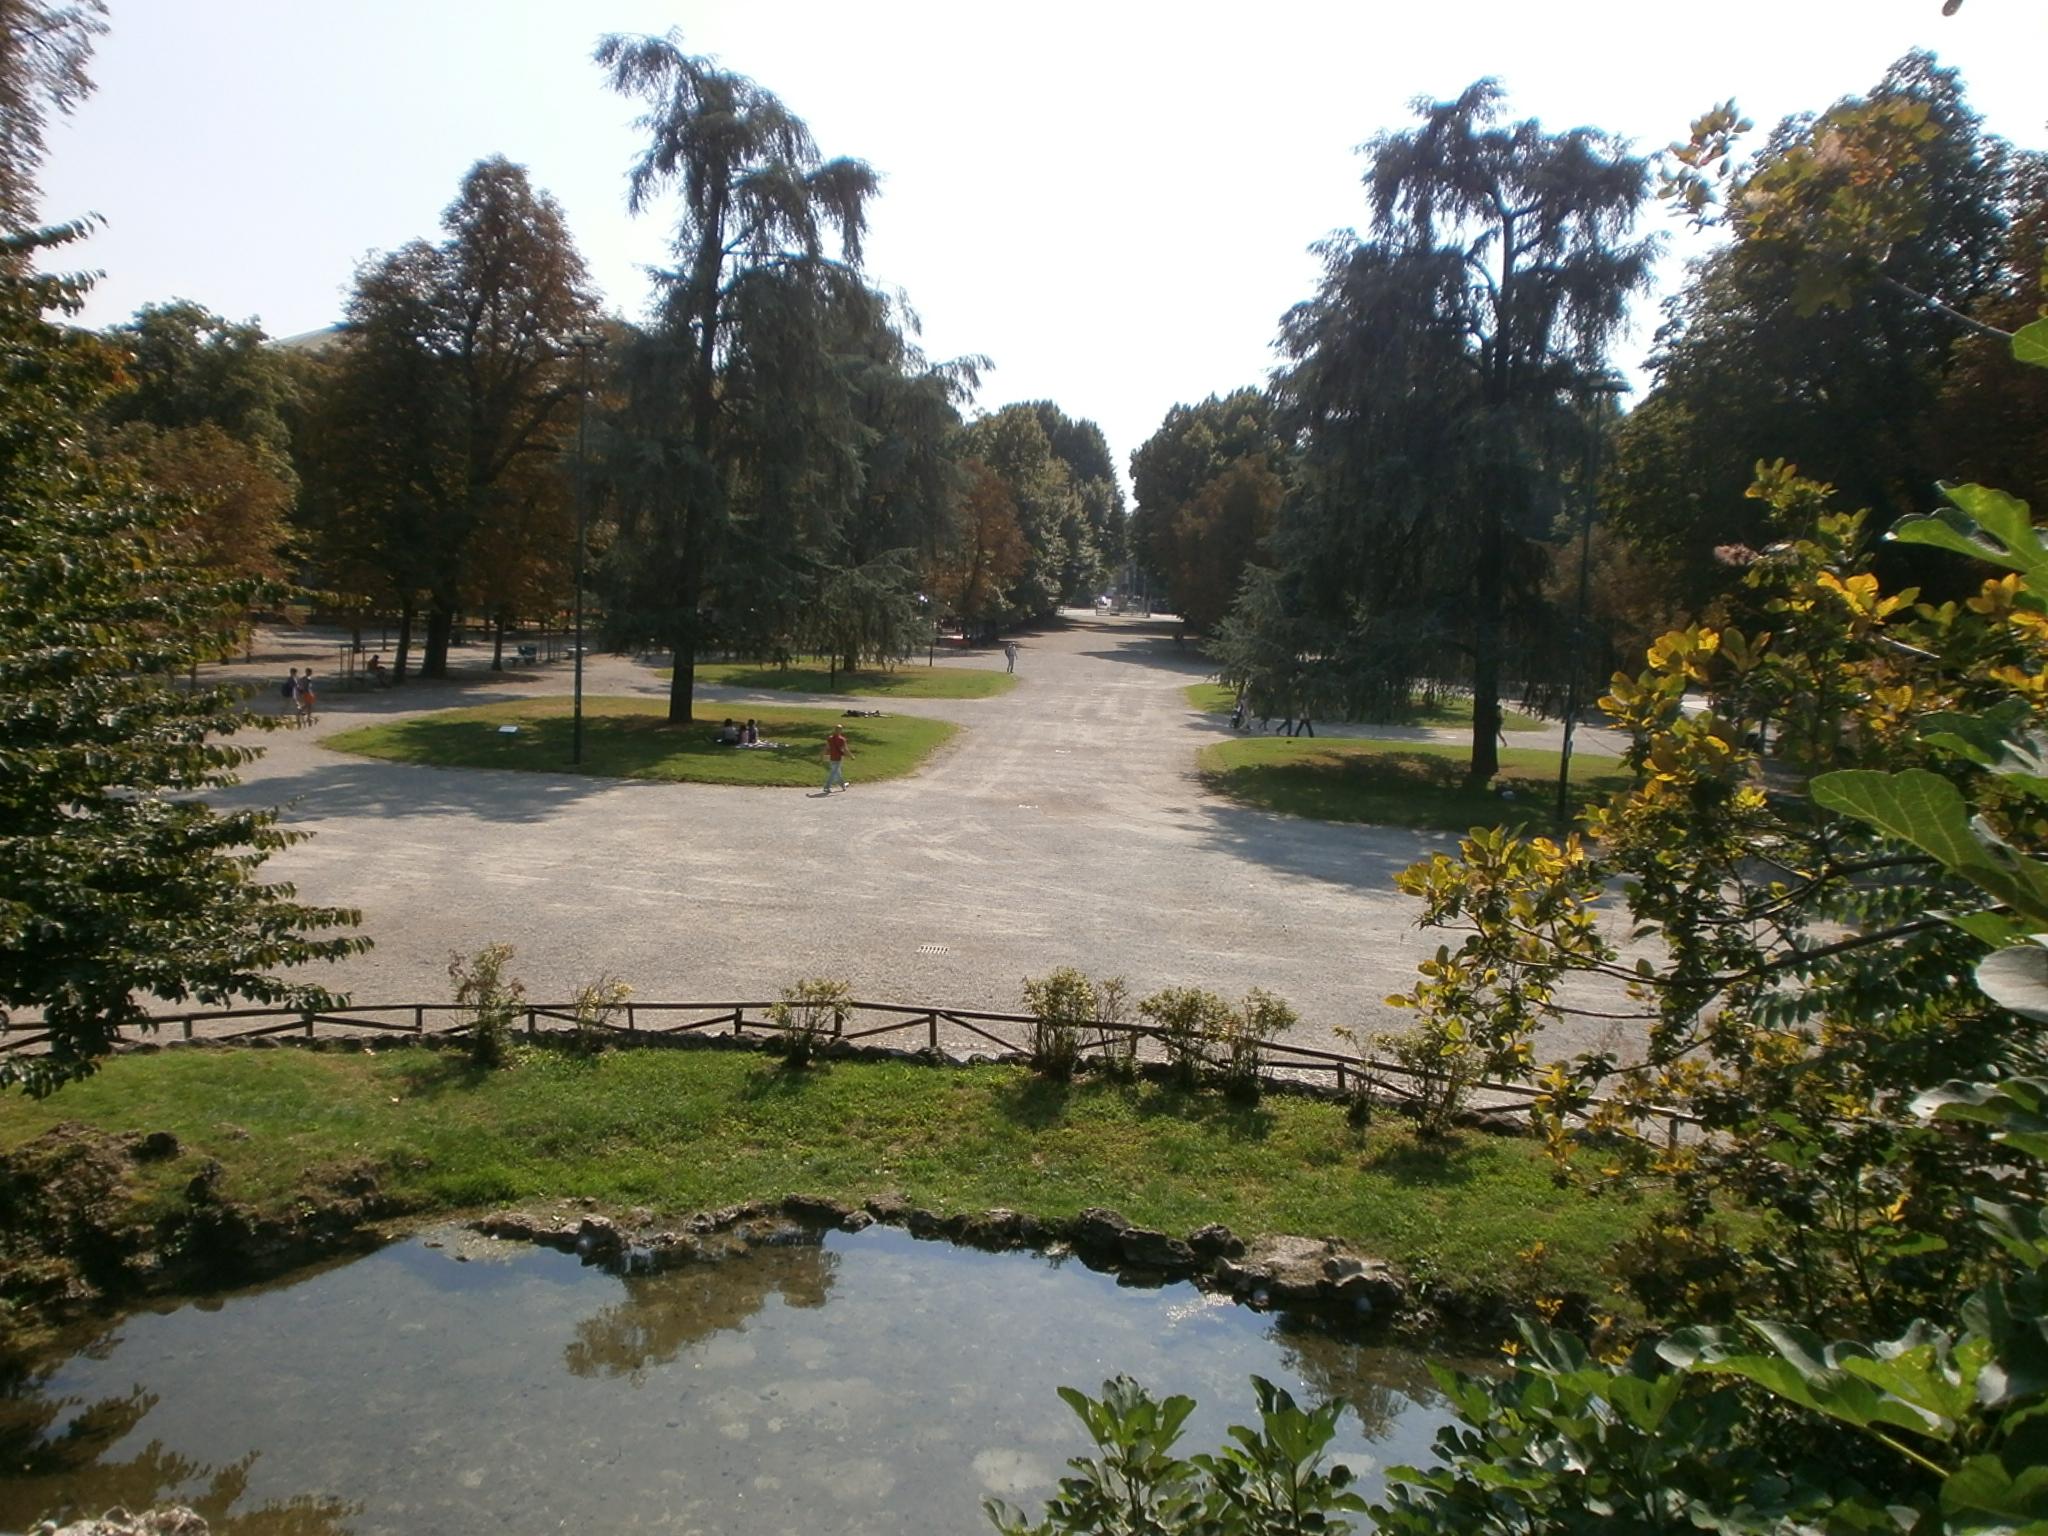 giardini-pubblici-indro-montanelli-milano-vialone-interno-01